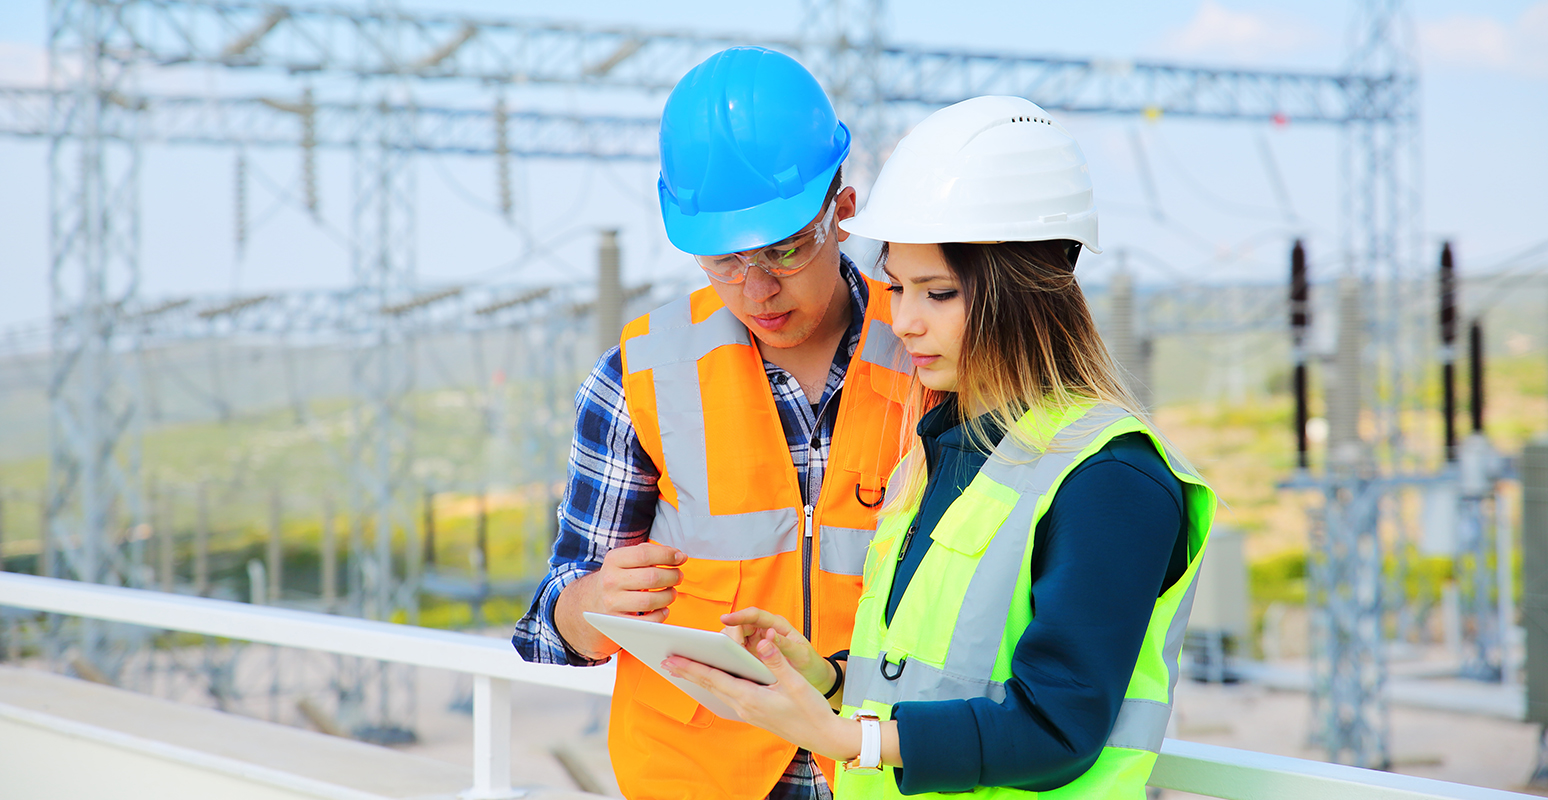 Профессия Инженер-энергетик: где учиться, зарплата, плюсы и минусы